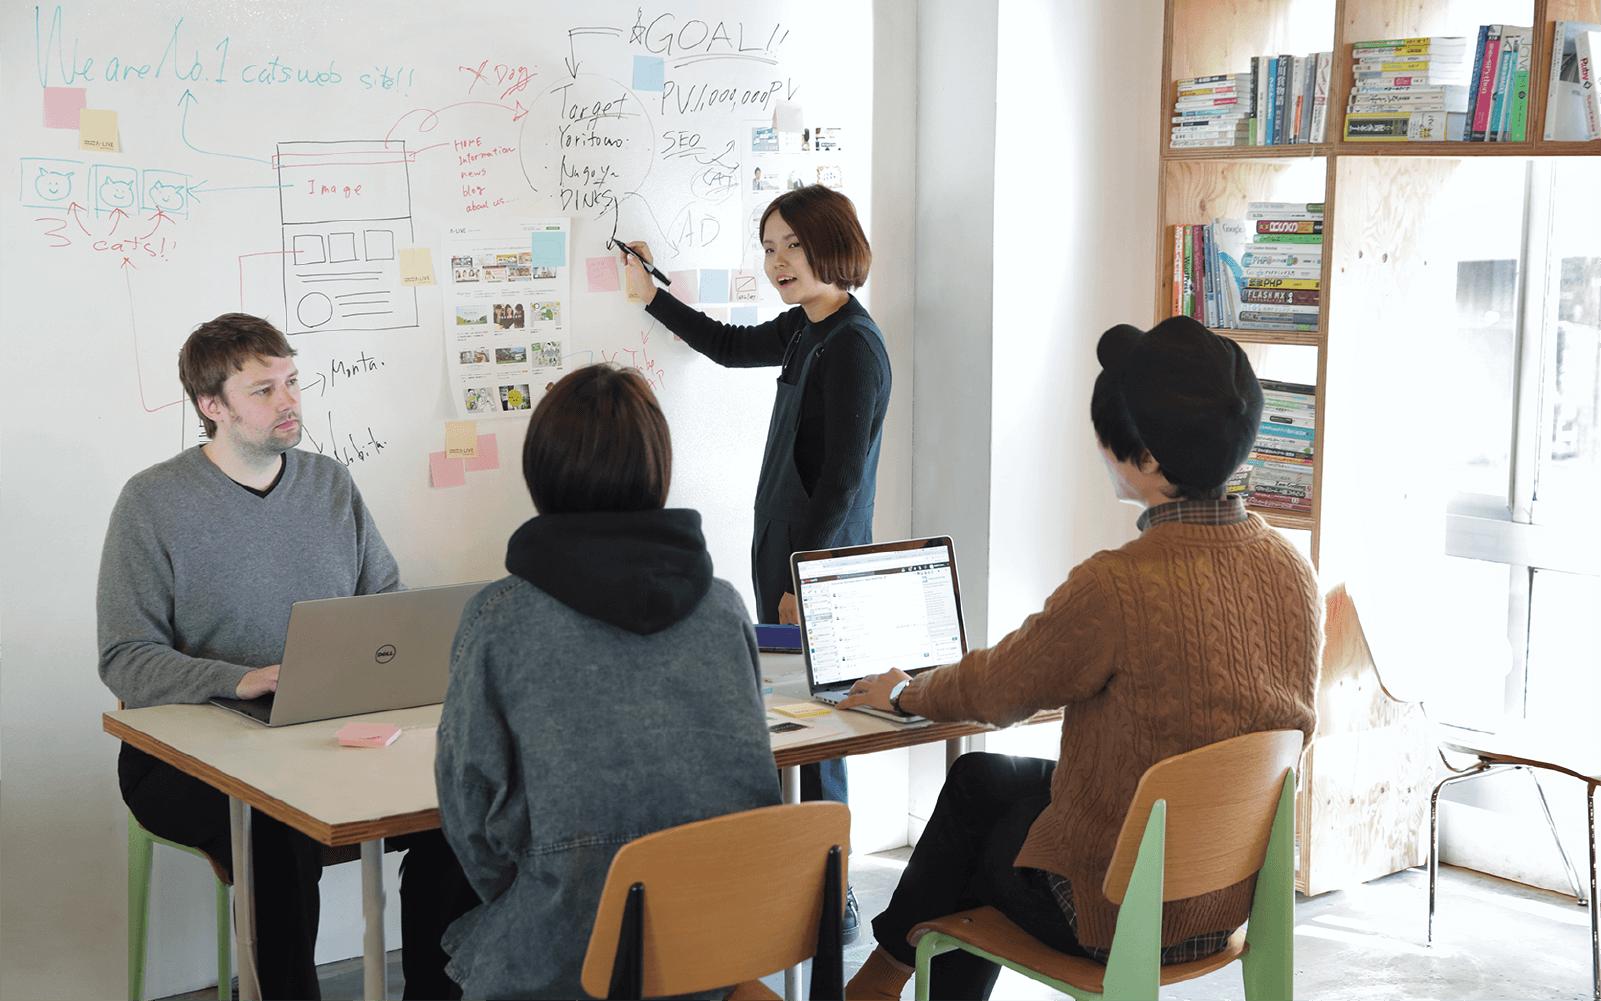 アイディアが生まれるようなオフィスや環境を整備